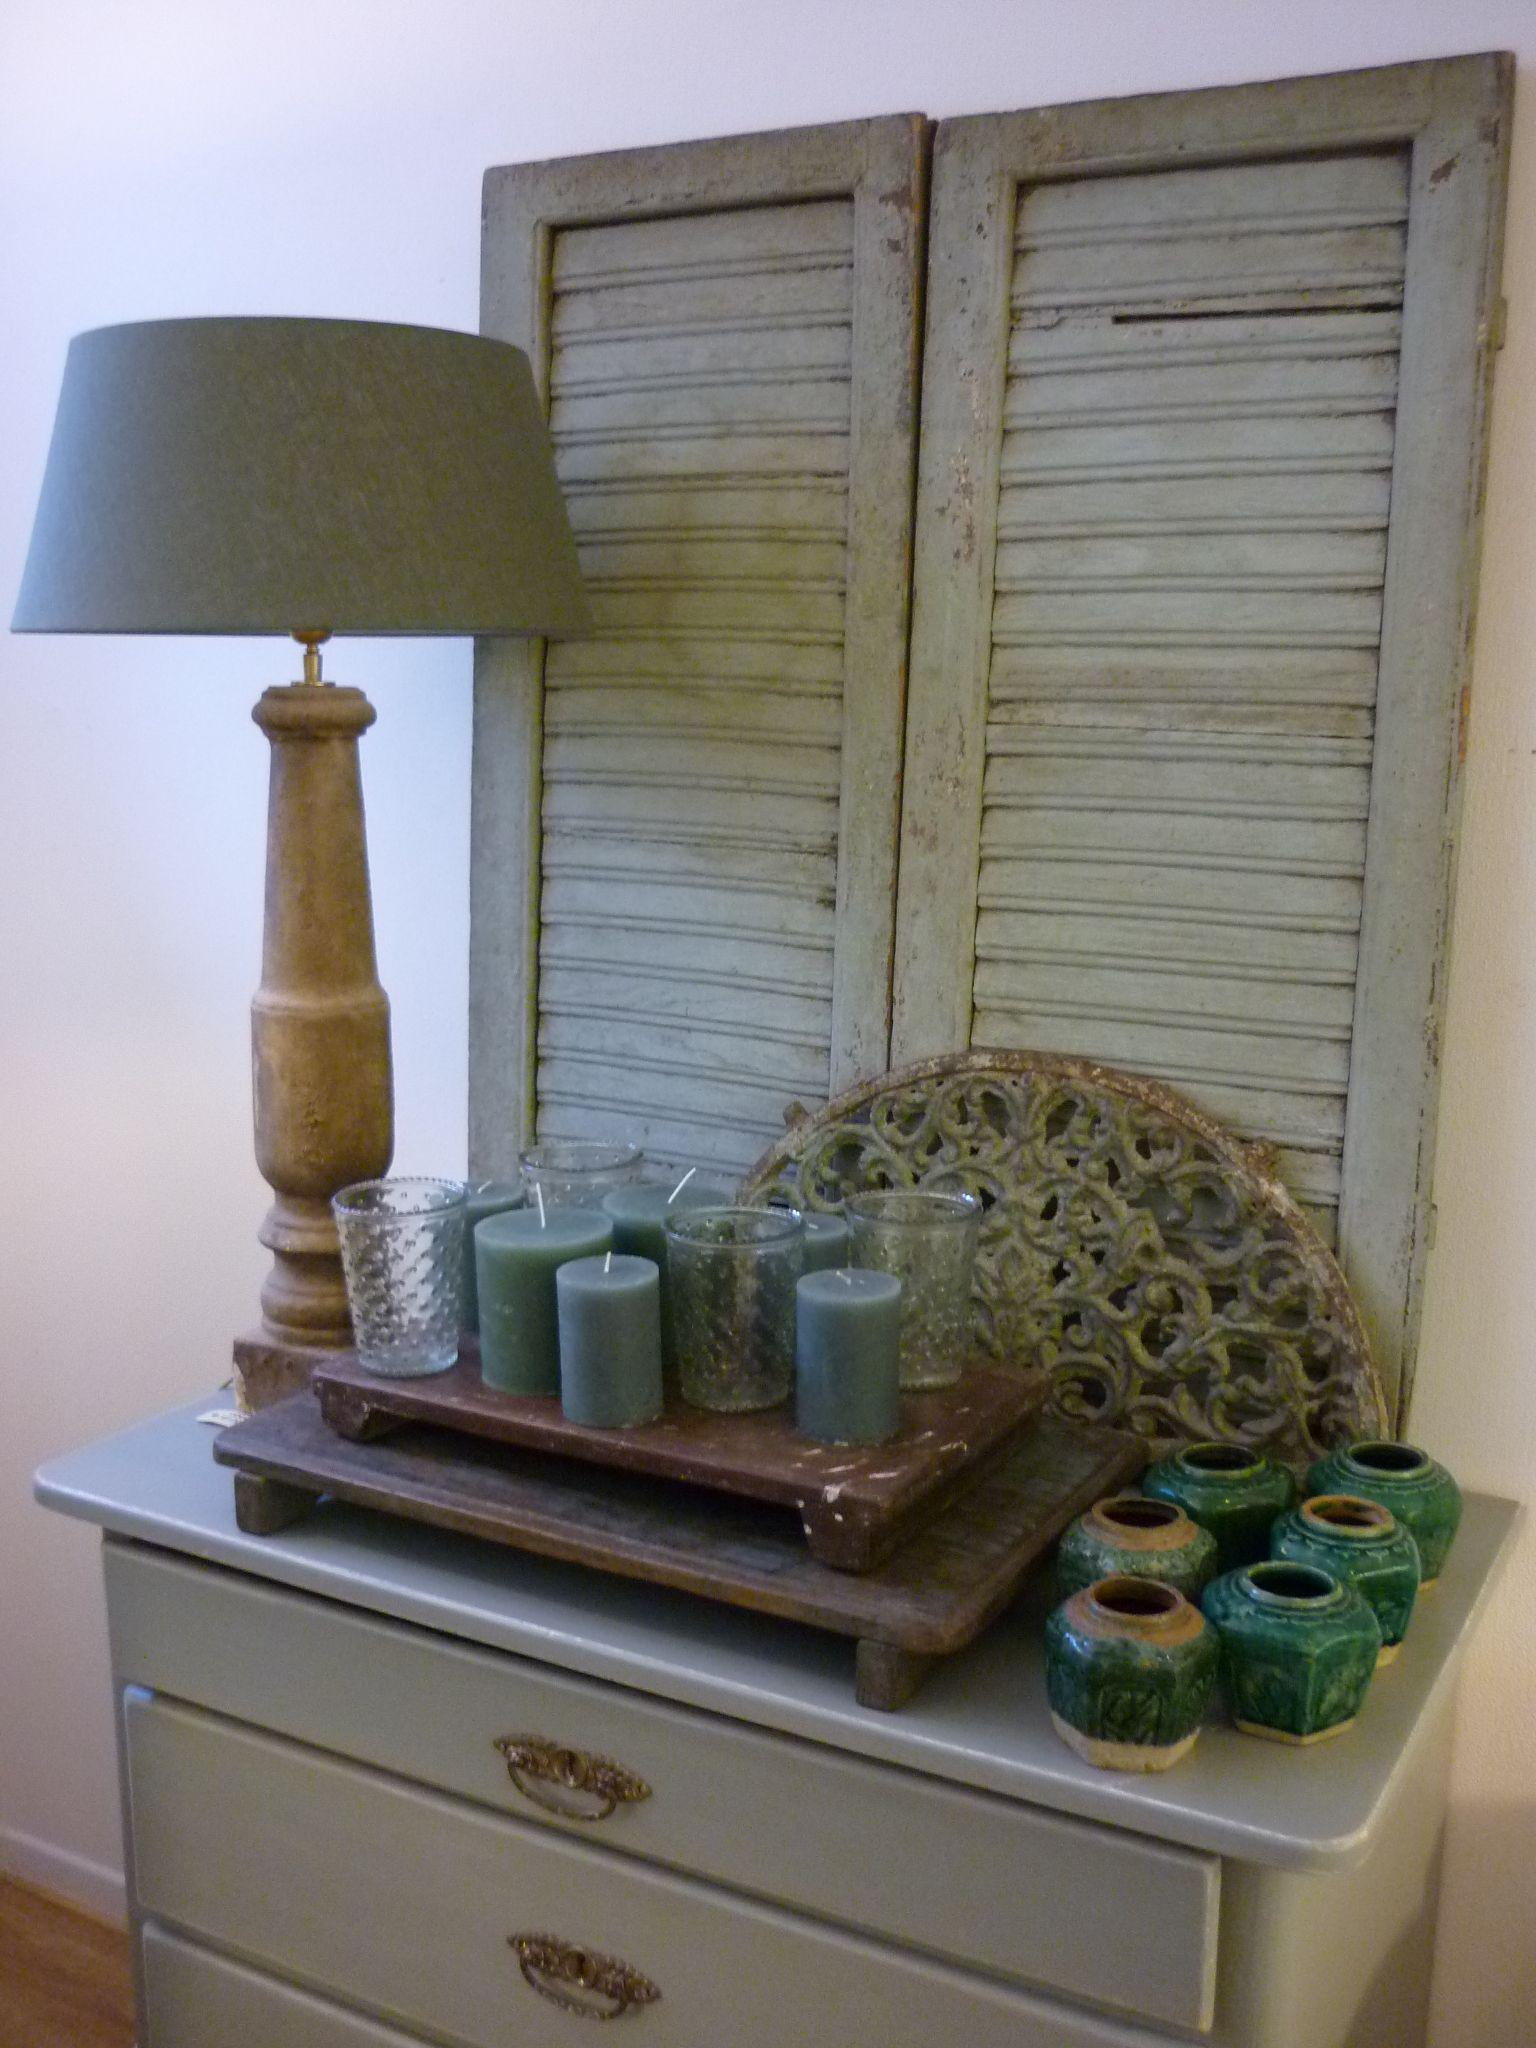 interieur in olijfgroen; antieke ladenkast, oude louvreluiken, hekje ...